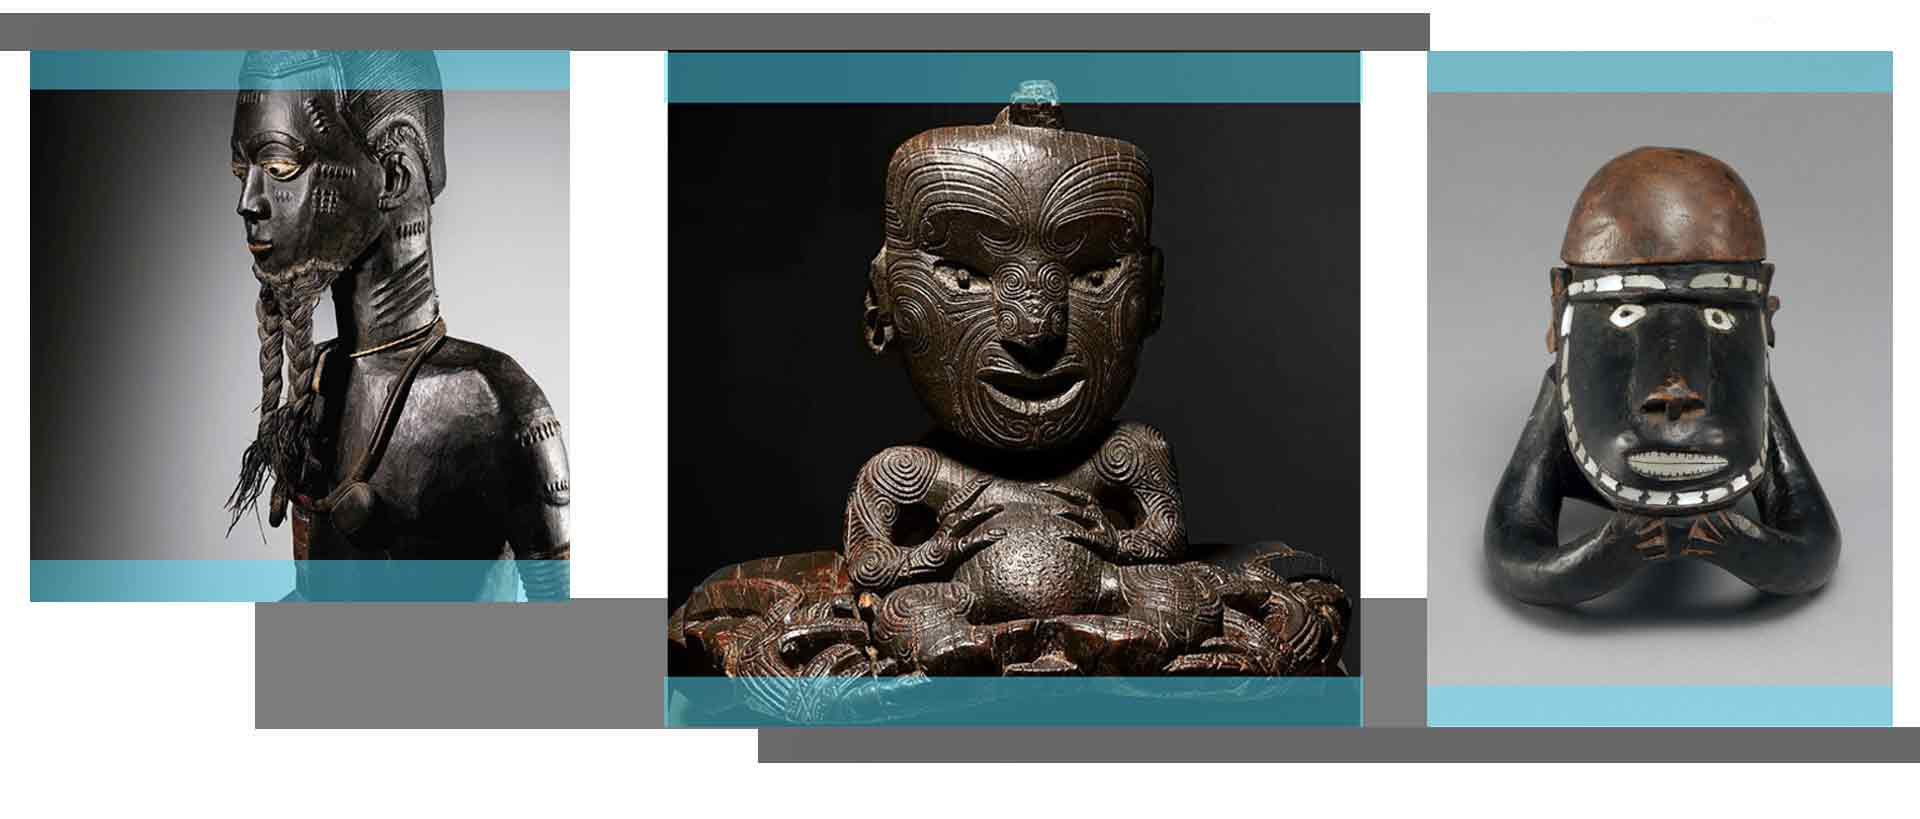 oghyanosi 11 - مجسمه سازی در اقیانوسیه